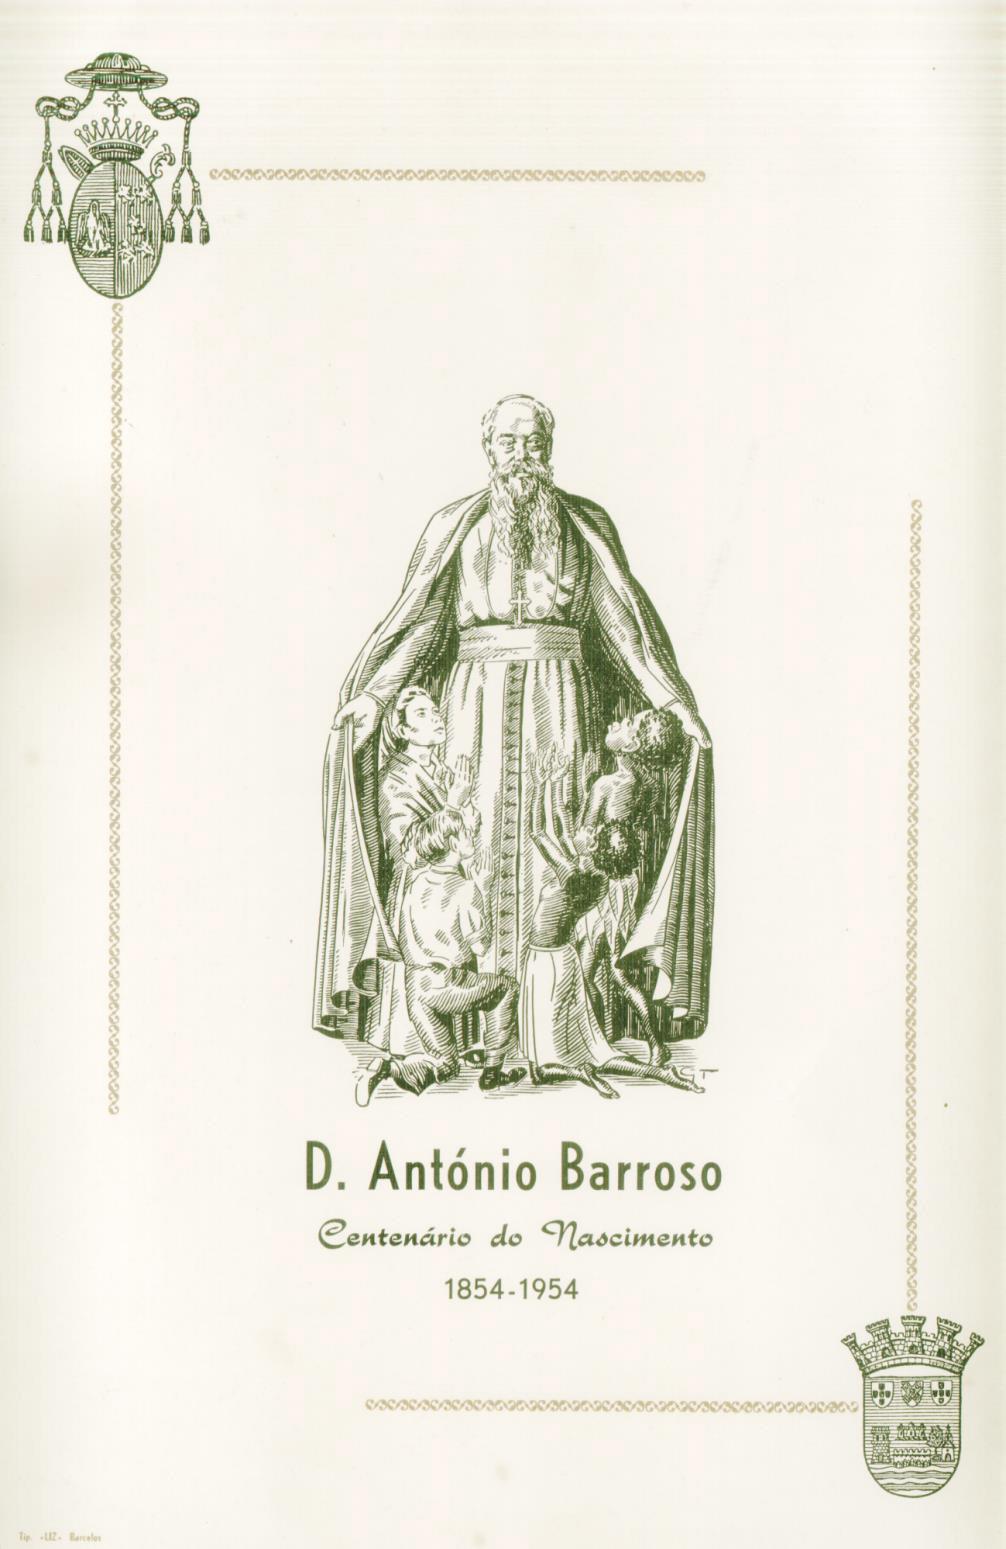 A fama de bondade e de santidade conduziu à abertura do processo de beatificação e de canonização, em 1992